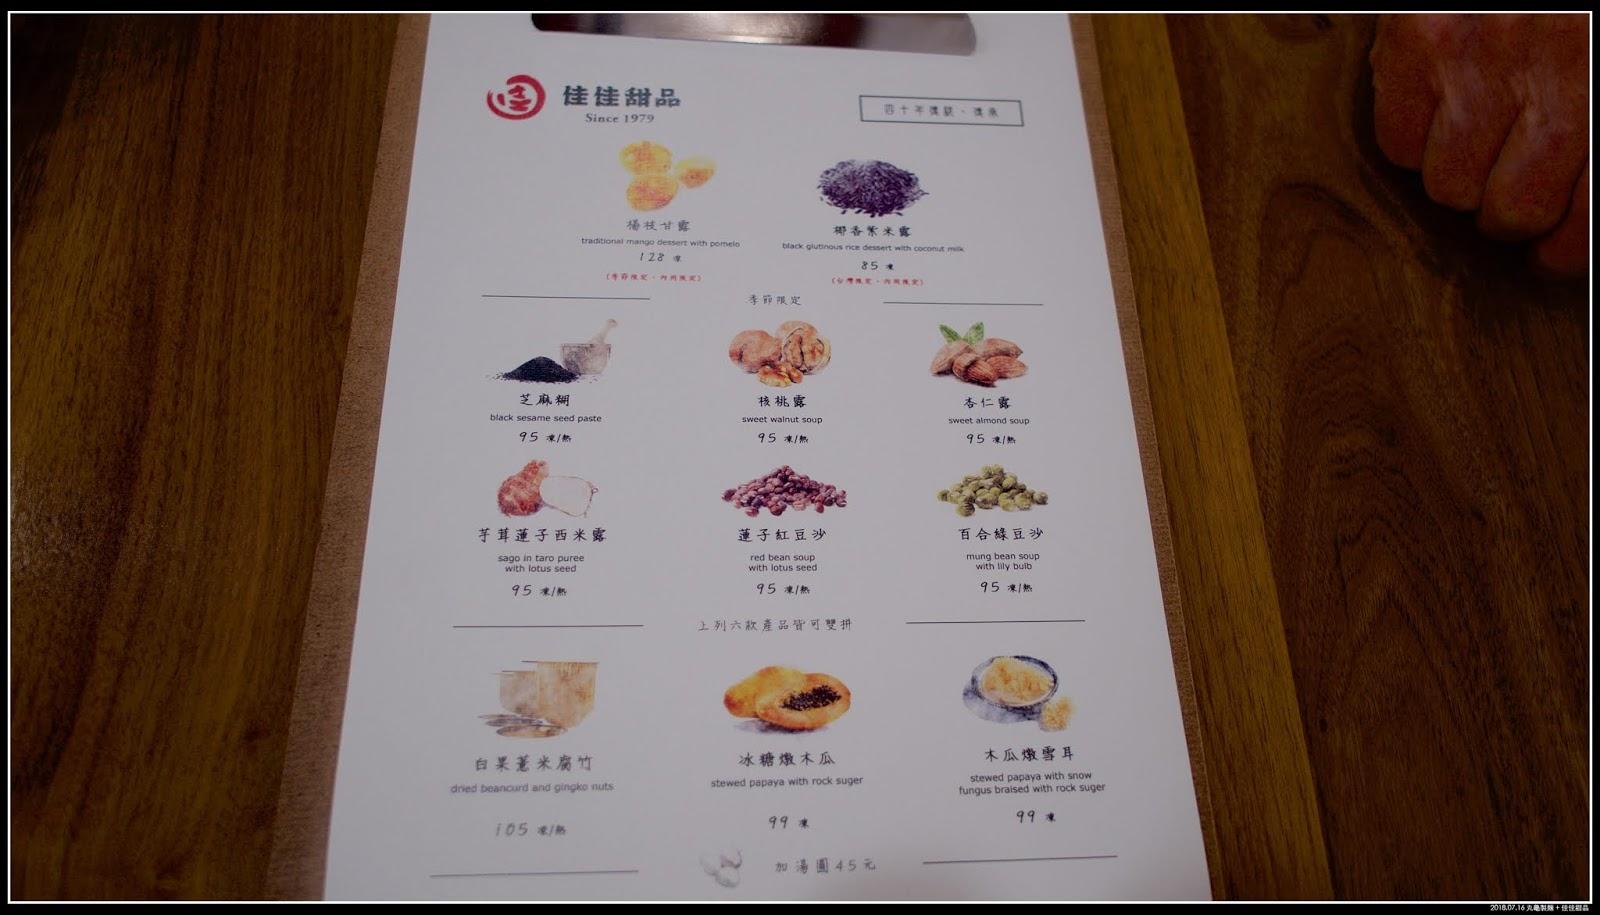 〖香港茶餐廳〗佳佳甜品 @ 阿非邦 :: 痞客邦